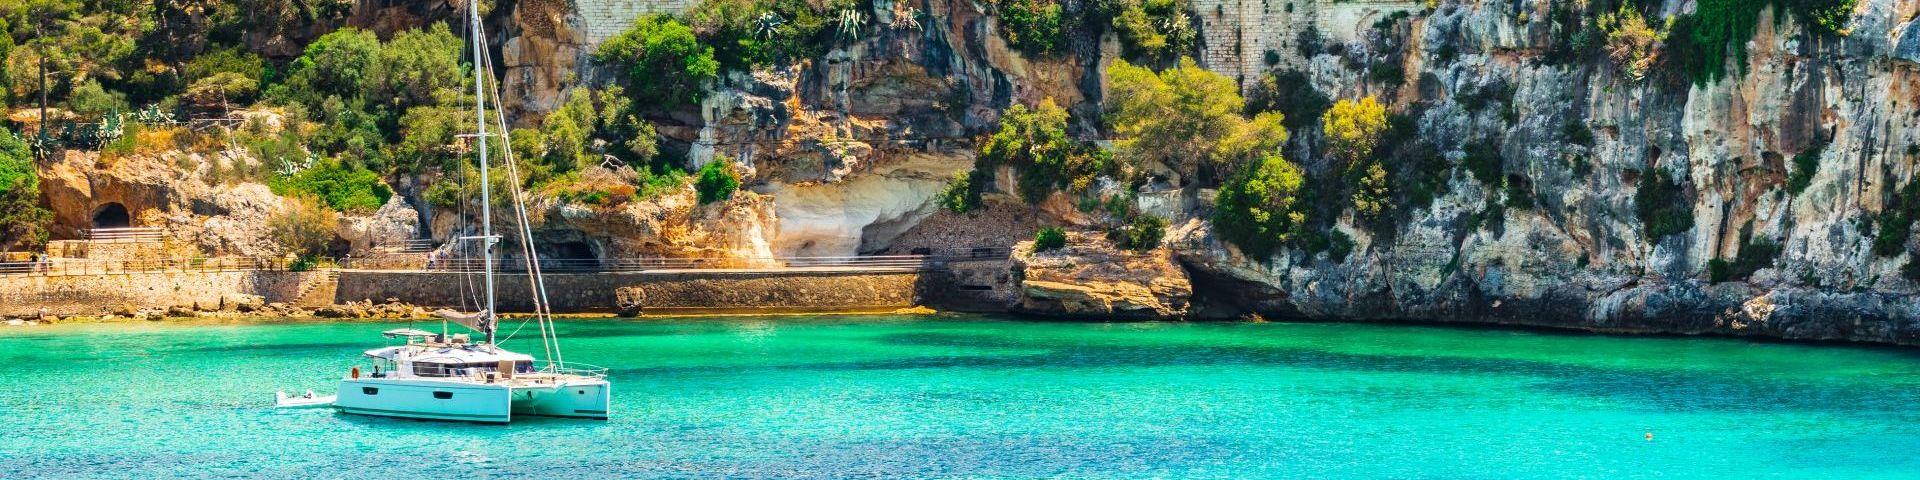 Urlaub ohne Quarantäne - Mallorca sorglos buchen!